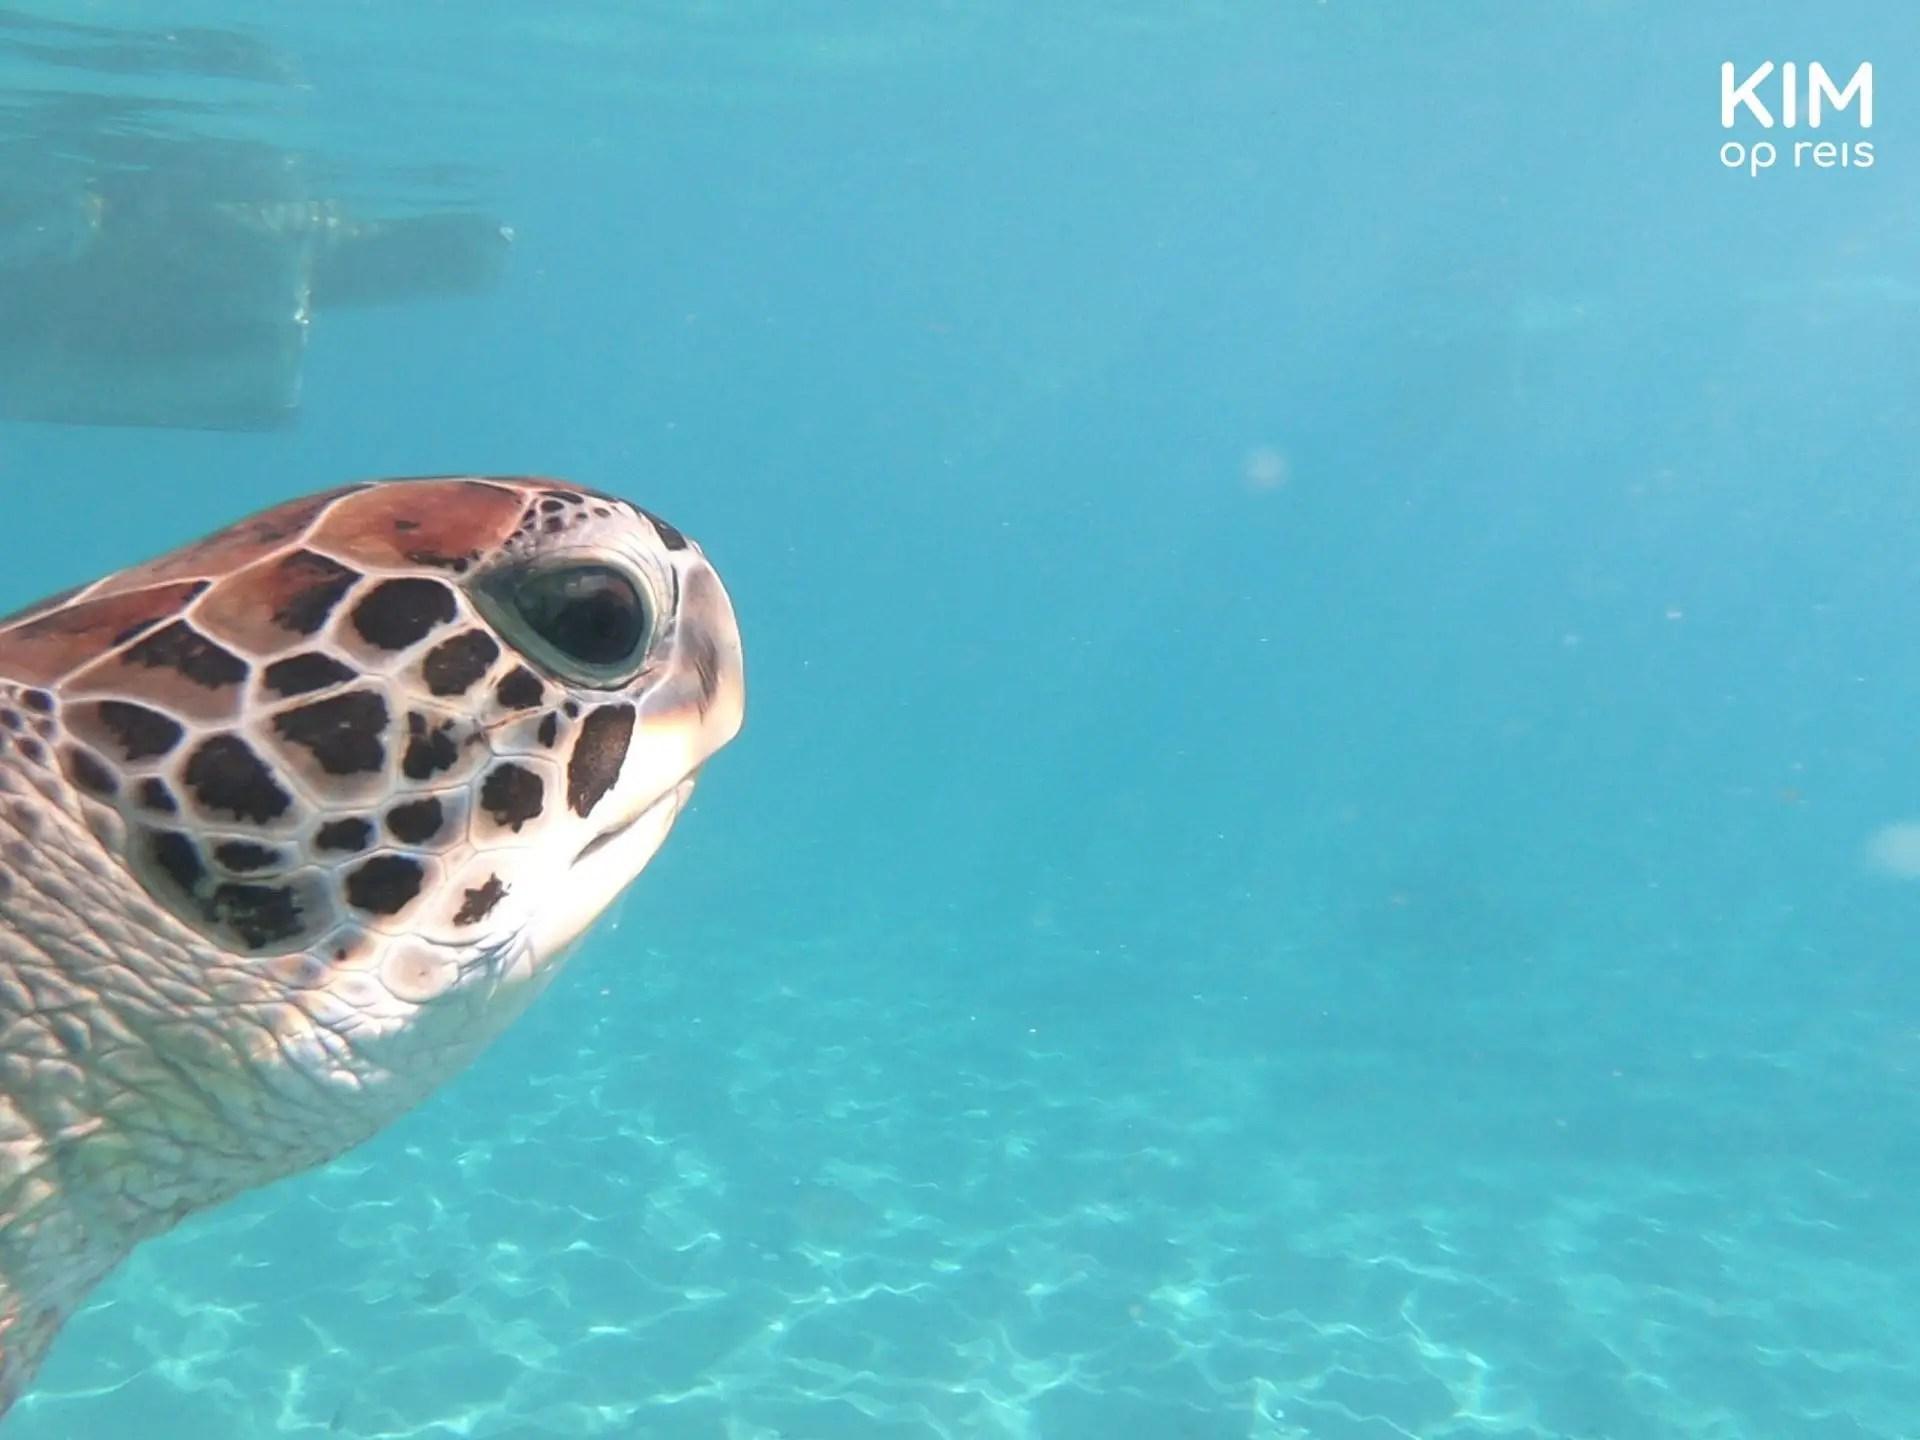 zwemmen met schildpadden Curaçao: hoofd van een schildpad duikt links in beeld op